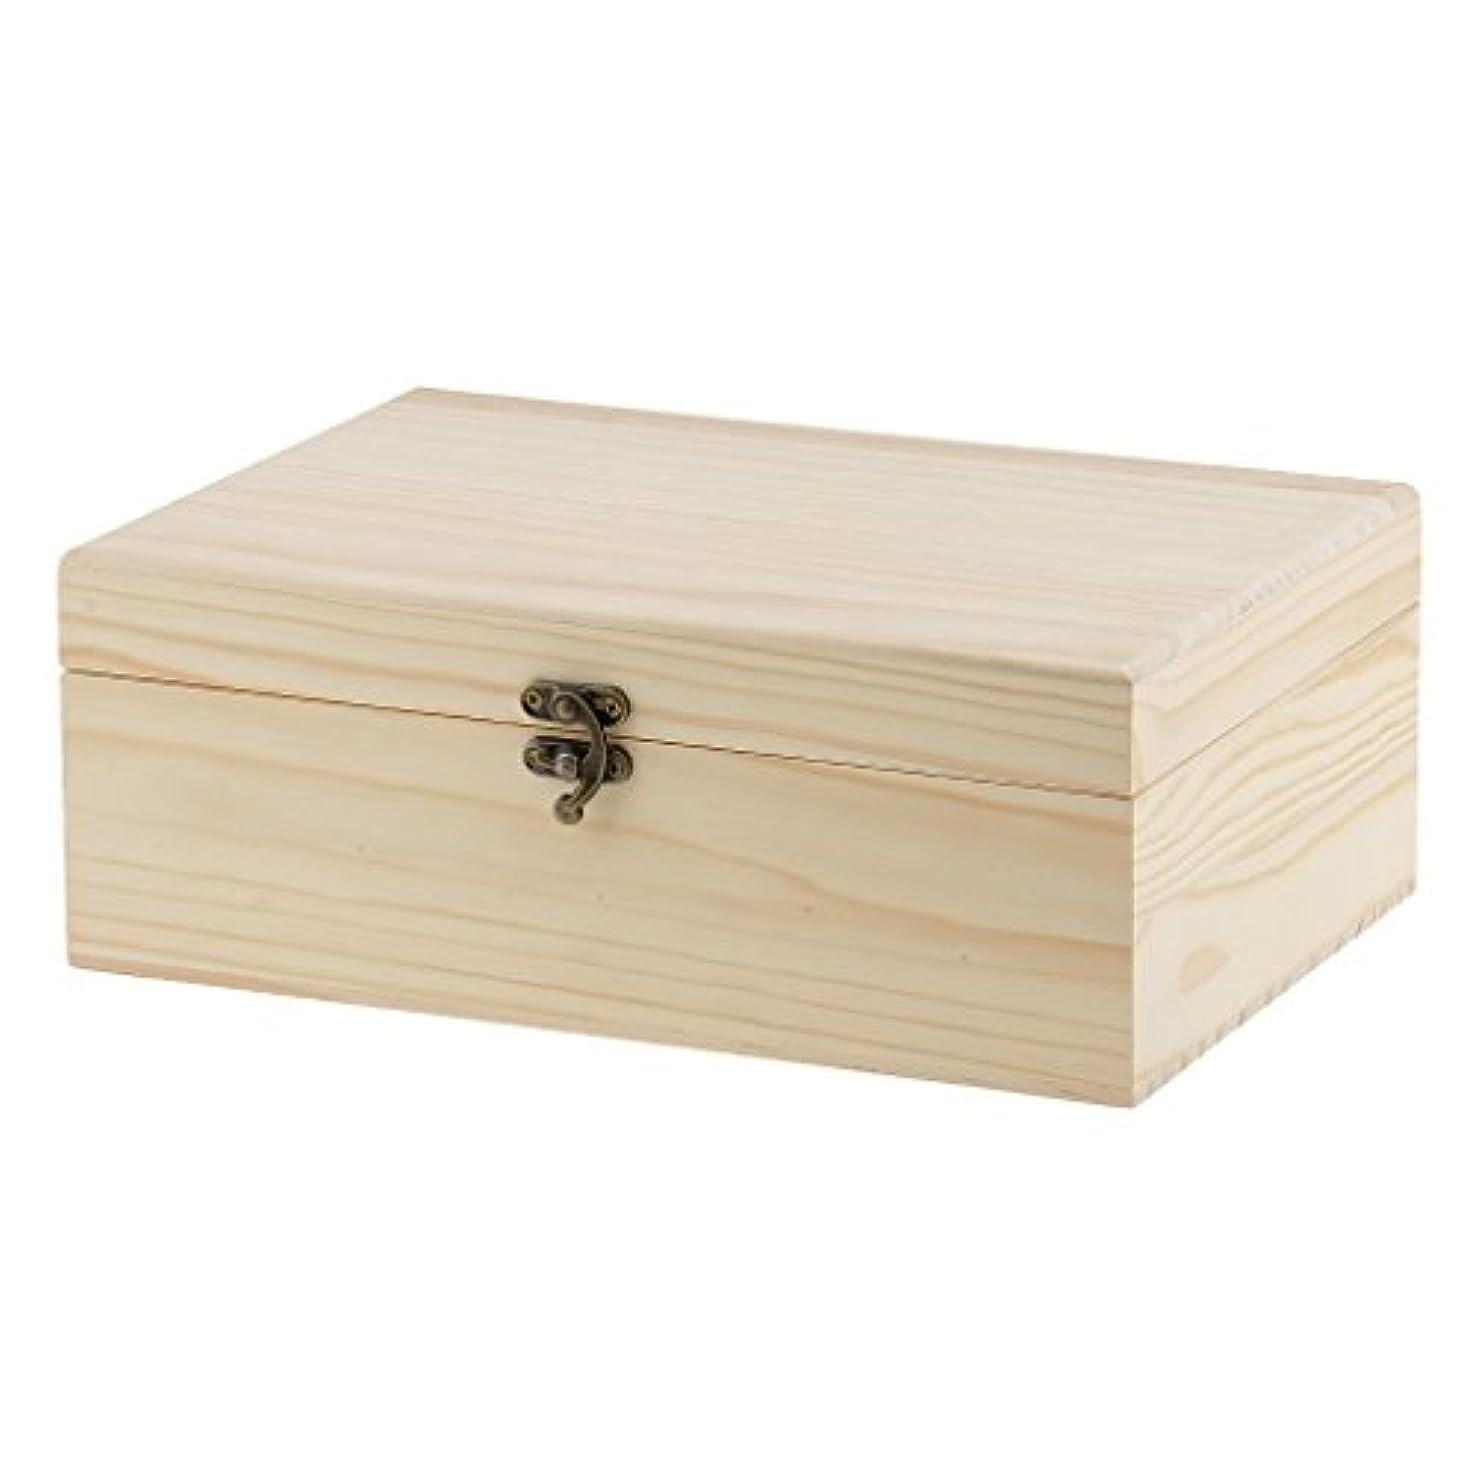 浮浪者タヒチ冒険家Perfk エッセンシャルオイル収納ボックス 47本用 木製 ディスプレイ キャリーケース ホールド オーガナイザー